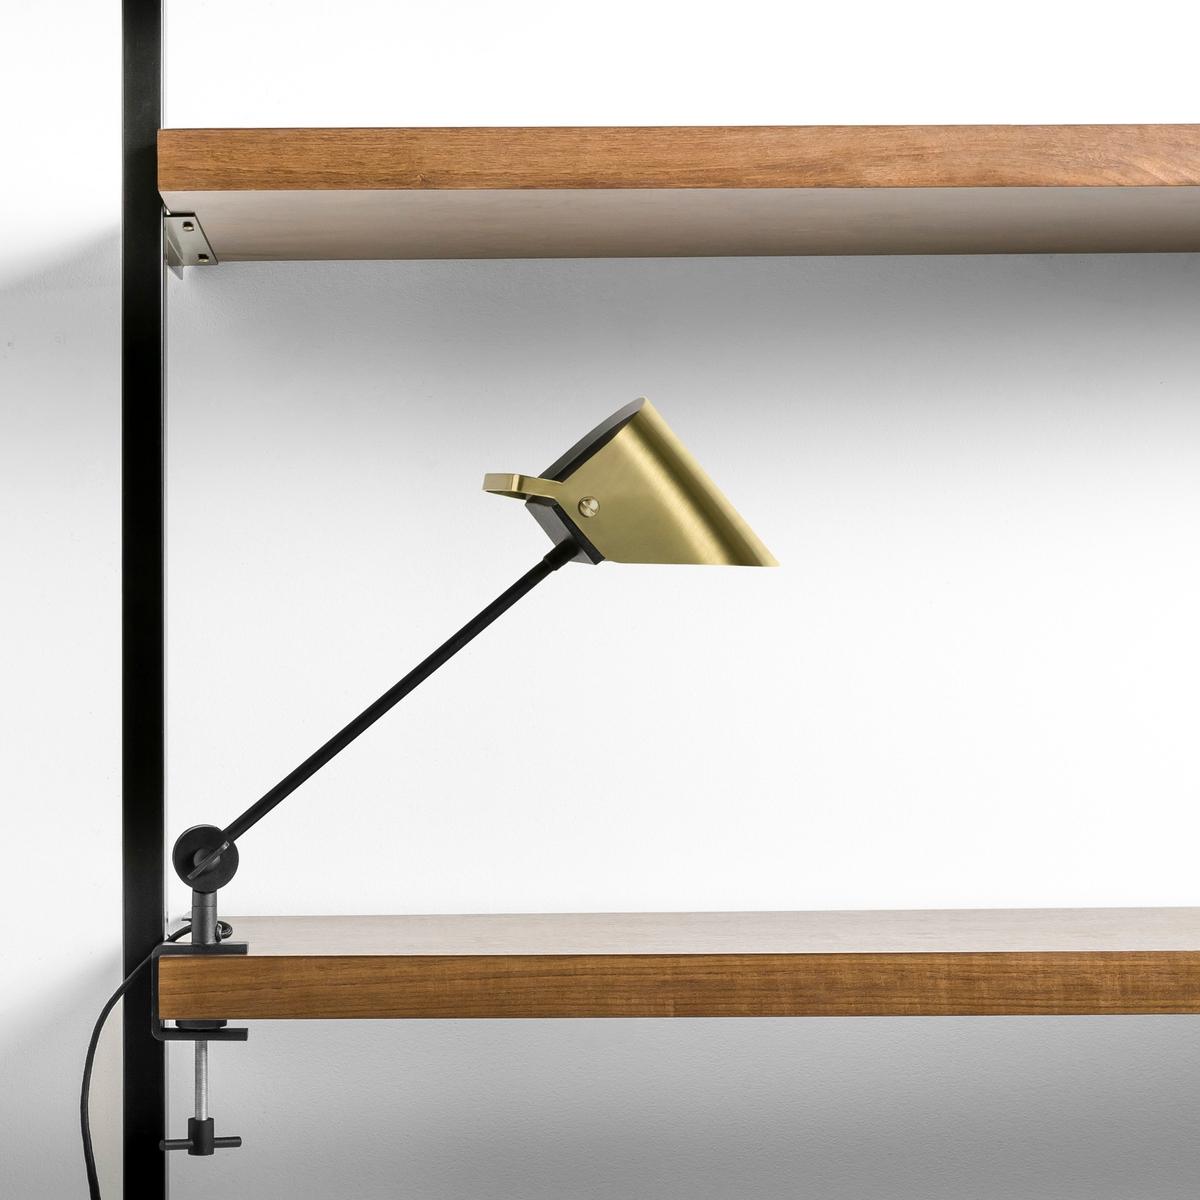 Лампа с зажимом Ma?onaЛампа с зажимом.Кронштейн, зажим и абажур из металла. Патрон G9 для лампы G9 макс. 40 Вт (продается отдельно). Выключатель. Размер. в нормальном положении эксплуатации 8 x 40 x 50 см. Совместима с лампами класса энергопотребления E.<br><br>Цвет: латунь,черный